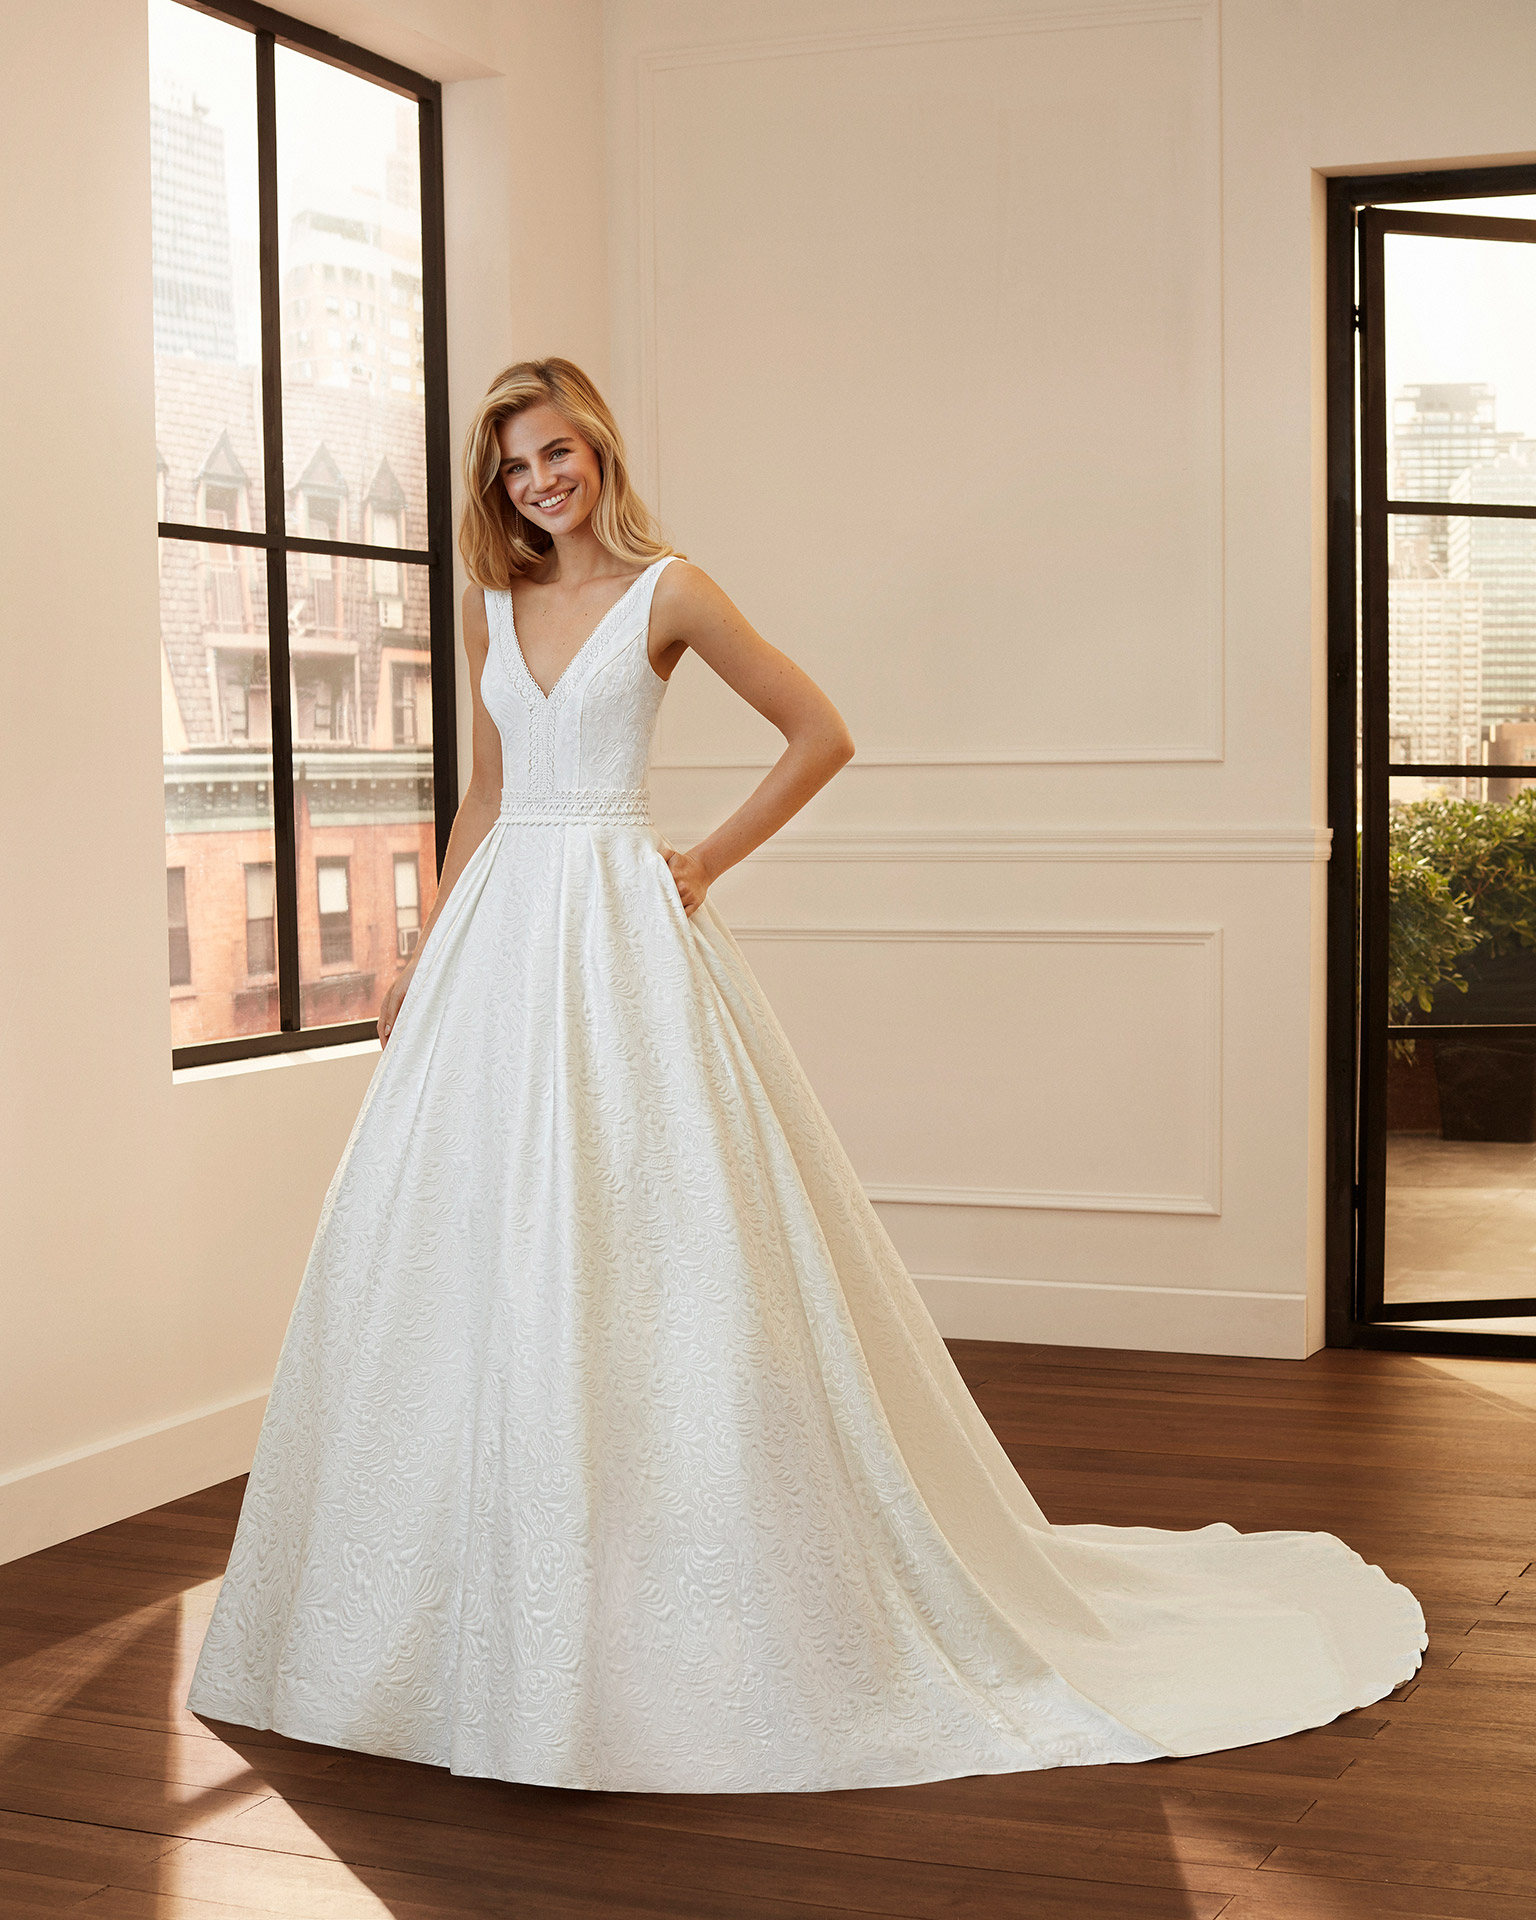 Vestido de novia estilo clásico de brocado, encaje y pedrería con escote y espalda en V. Colección  2020.